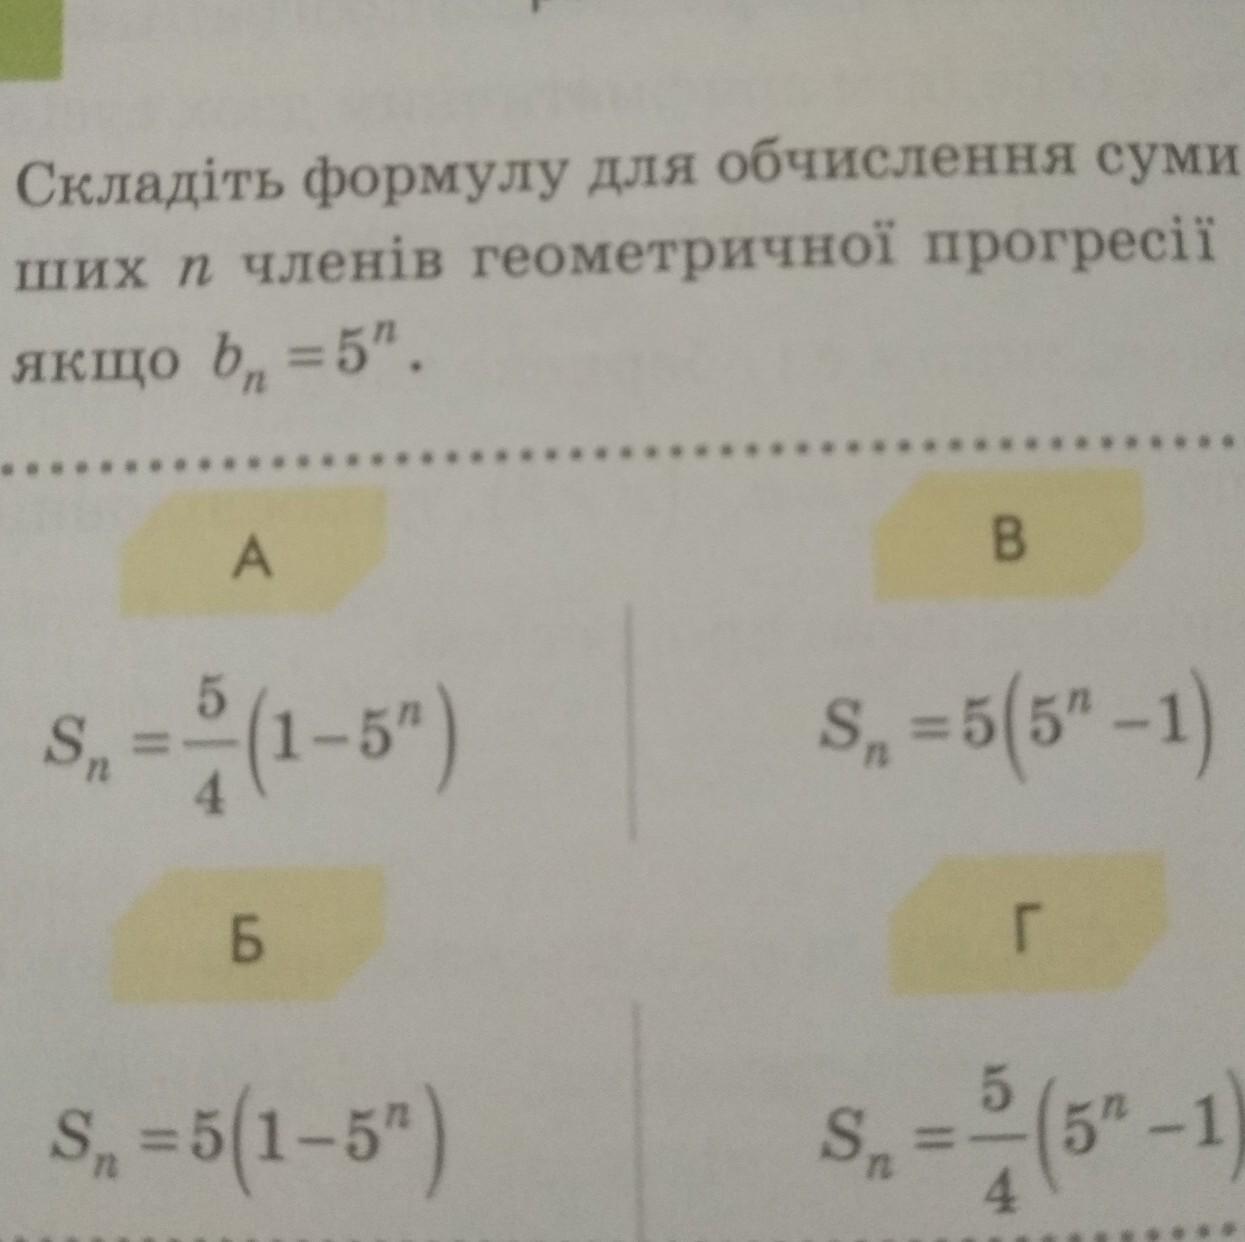 Складіть формулу для обчислення суми перших n